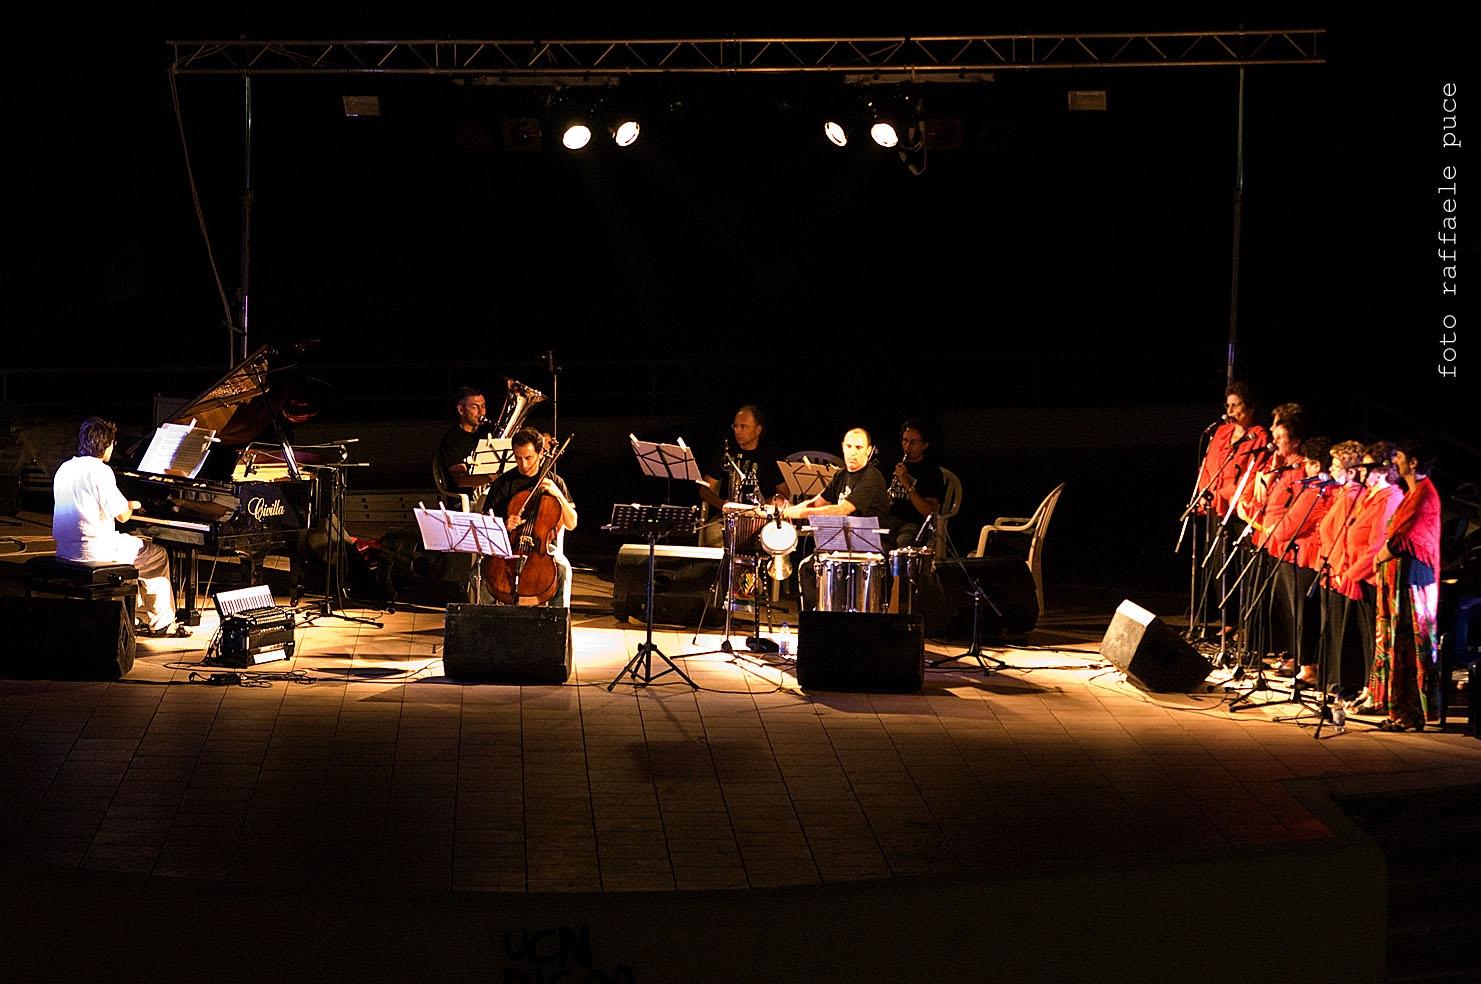 Borgoinfesta 2013